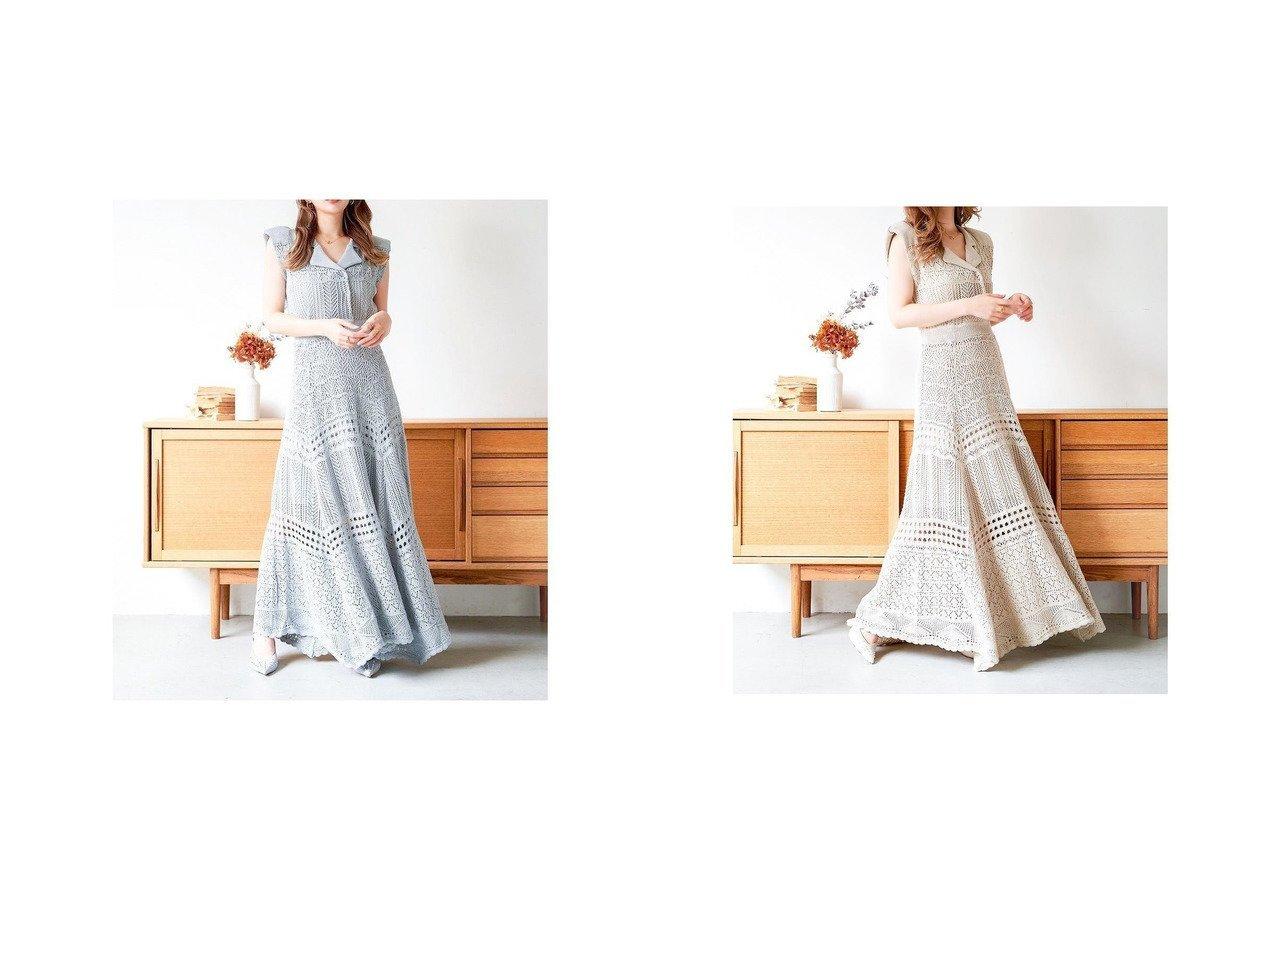 【Darich/ダーリッチ】のニットレースジャケットワンピース おすすめ!人気トレンド・レディースファッション通販 おすすめで人気の流行・トレンド、ファッションの通販商品 インテリア・家具・メンズファッション・キッズファッション・レディースファッション・服の通販 founy(ファニー) https://founy.com/ ファッション Fashion レディースファッション WOMEN アウター Coat Outerwear ジャケット Jackets 2021年 2021 2021春夏・S/S SS/Spring/Summer/2021 S/S・春夏 SS・Spring/Summer イエロー レース ロング 夏 Summer 春 Spring |ID:crp329100000053303